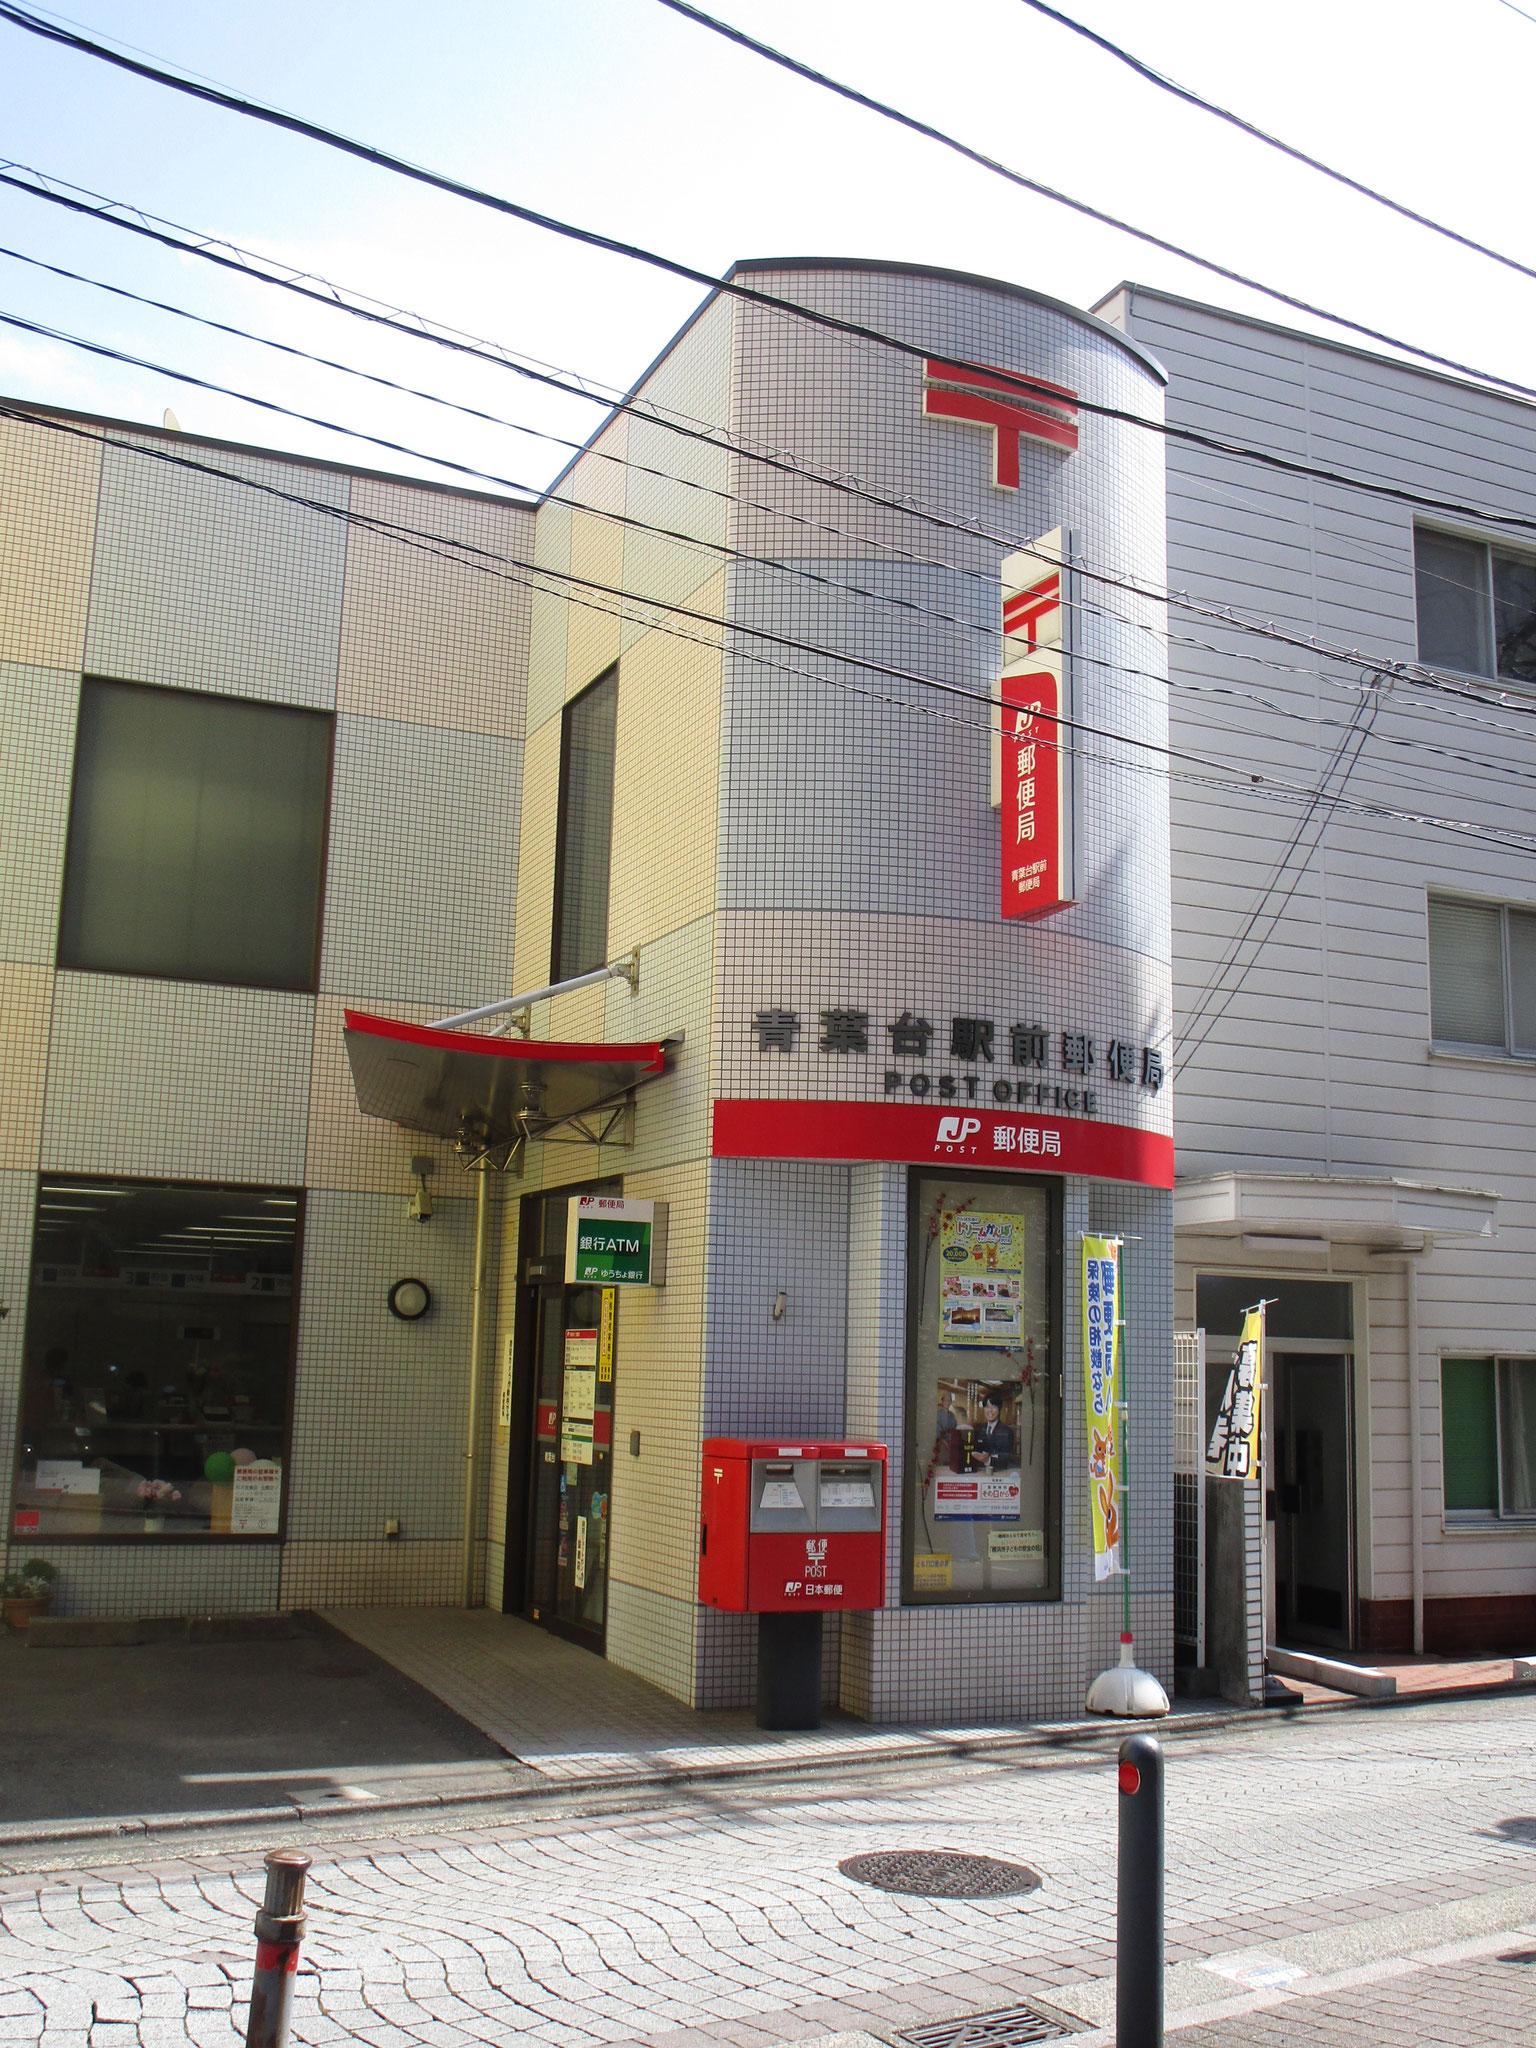 マンションから至近距離に「青葉台駅前郵便局」があります